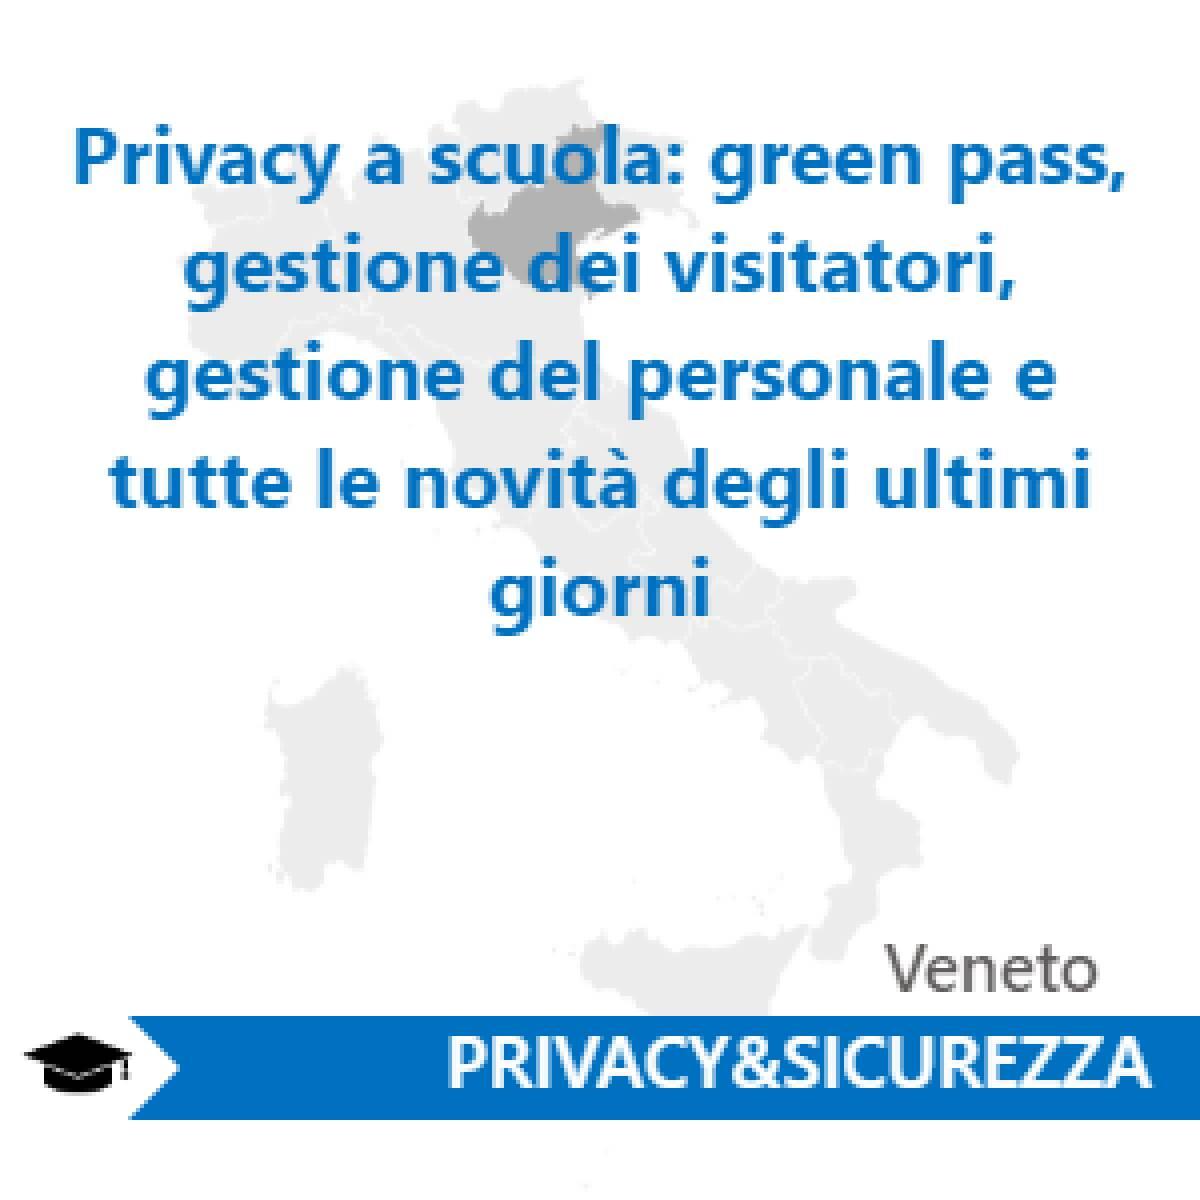 Privacy a scuola: green pass, gestione dei visitatori, gestione del personale e tutte le novità degli ultimi giorni